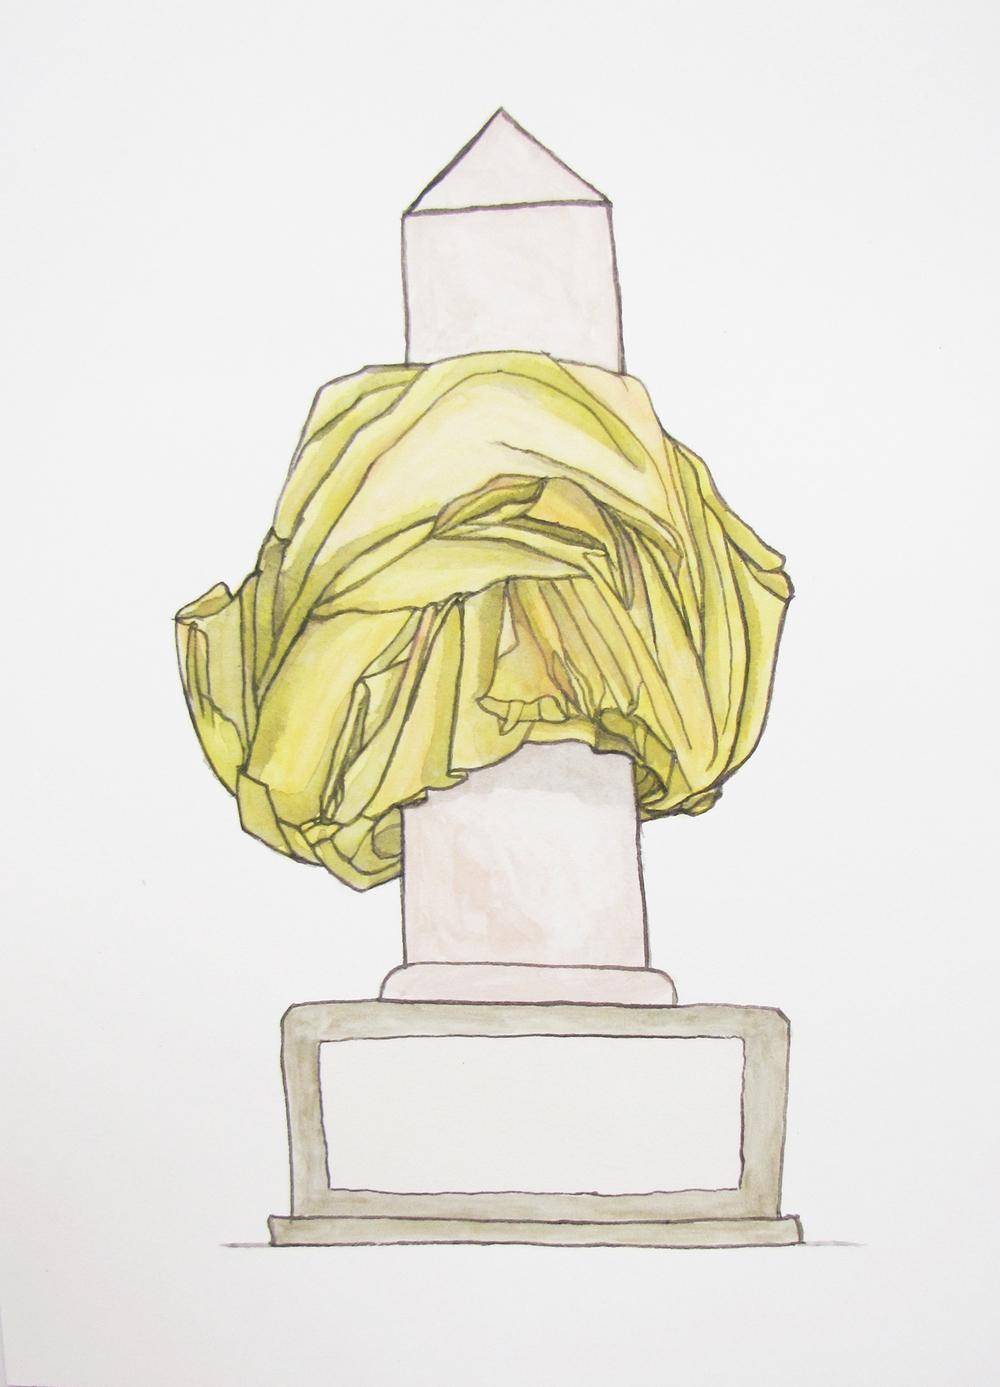 Bust/obelisk I(yellow) 2012